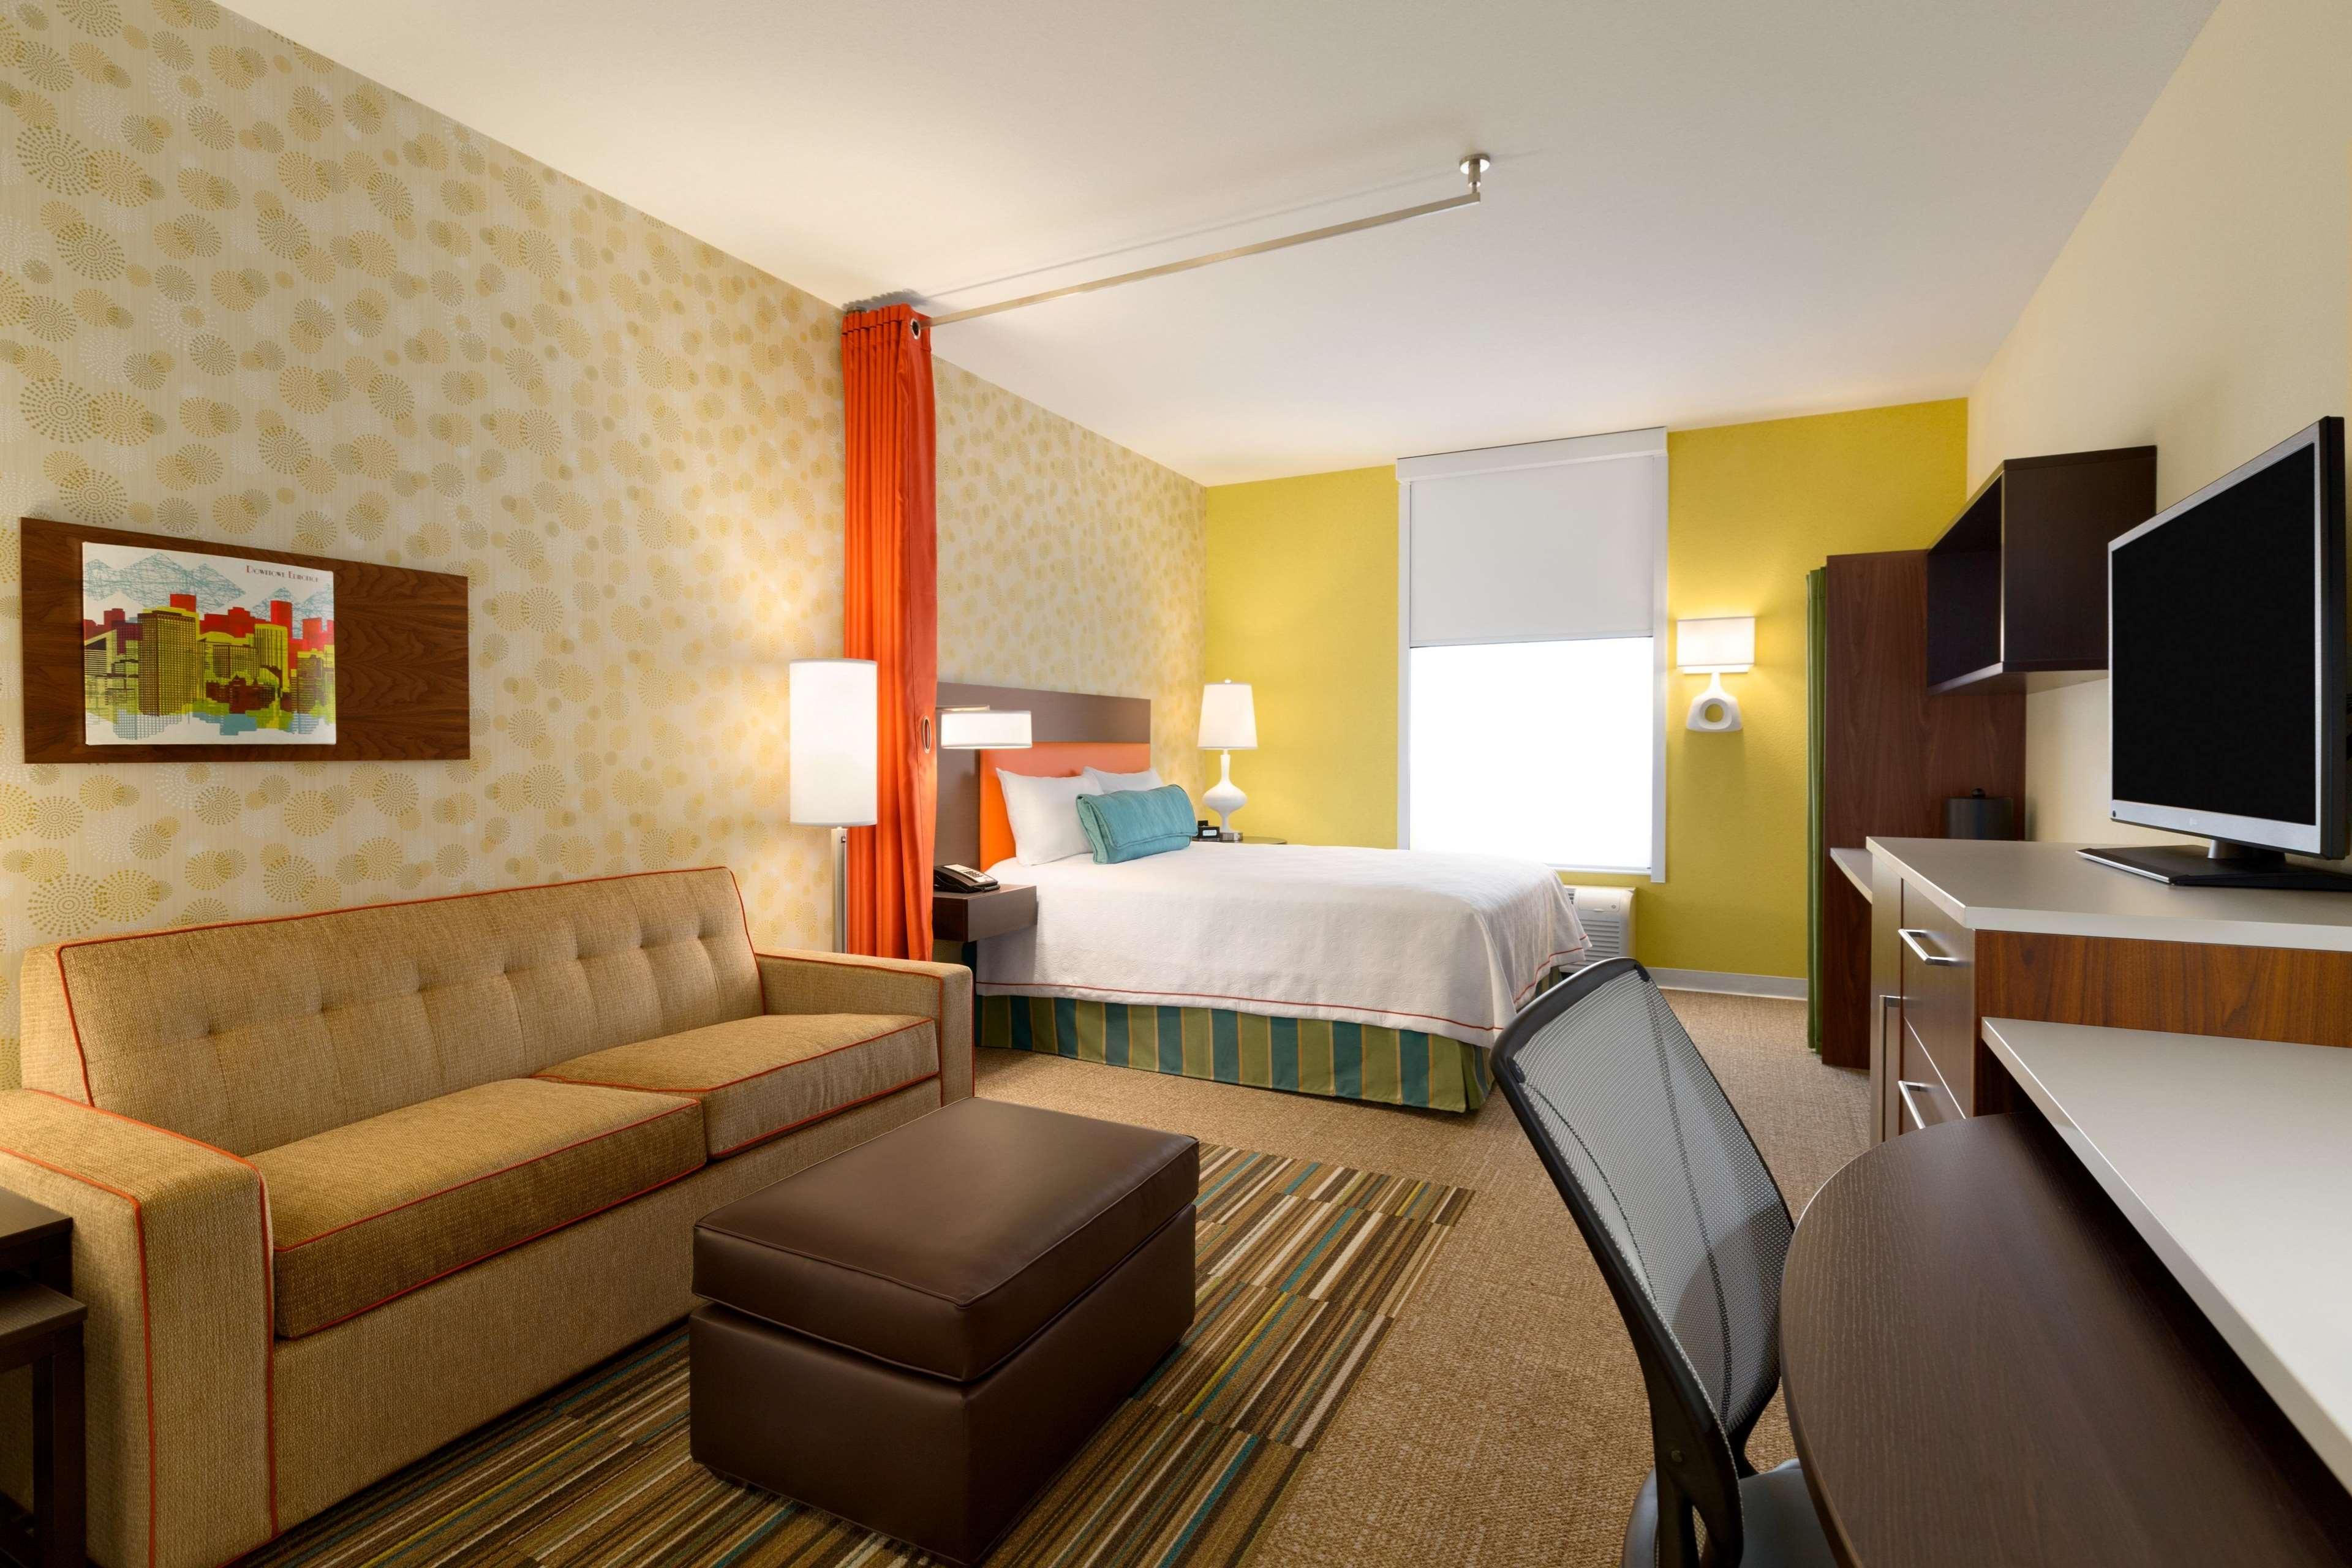 Home2 Suites by Hilton West Edmonton, Alberta, Canada à Edmonton: 1 Queen Studio Suite